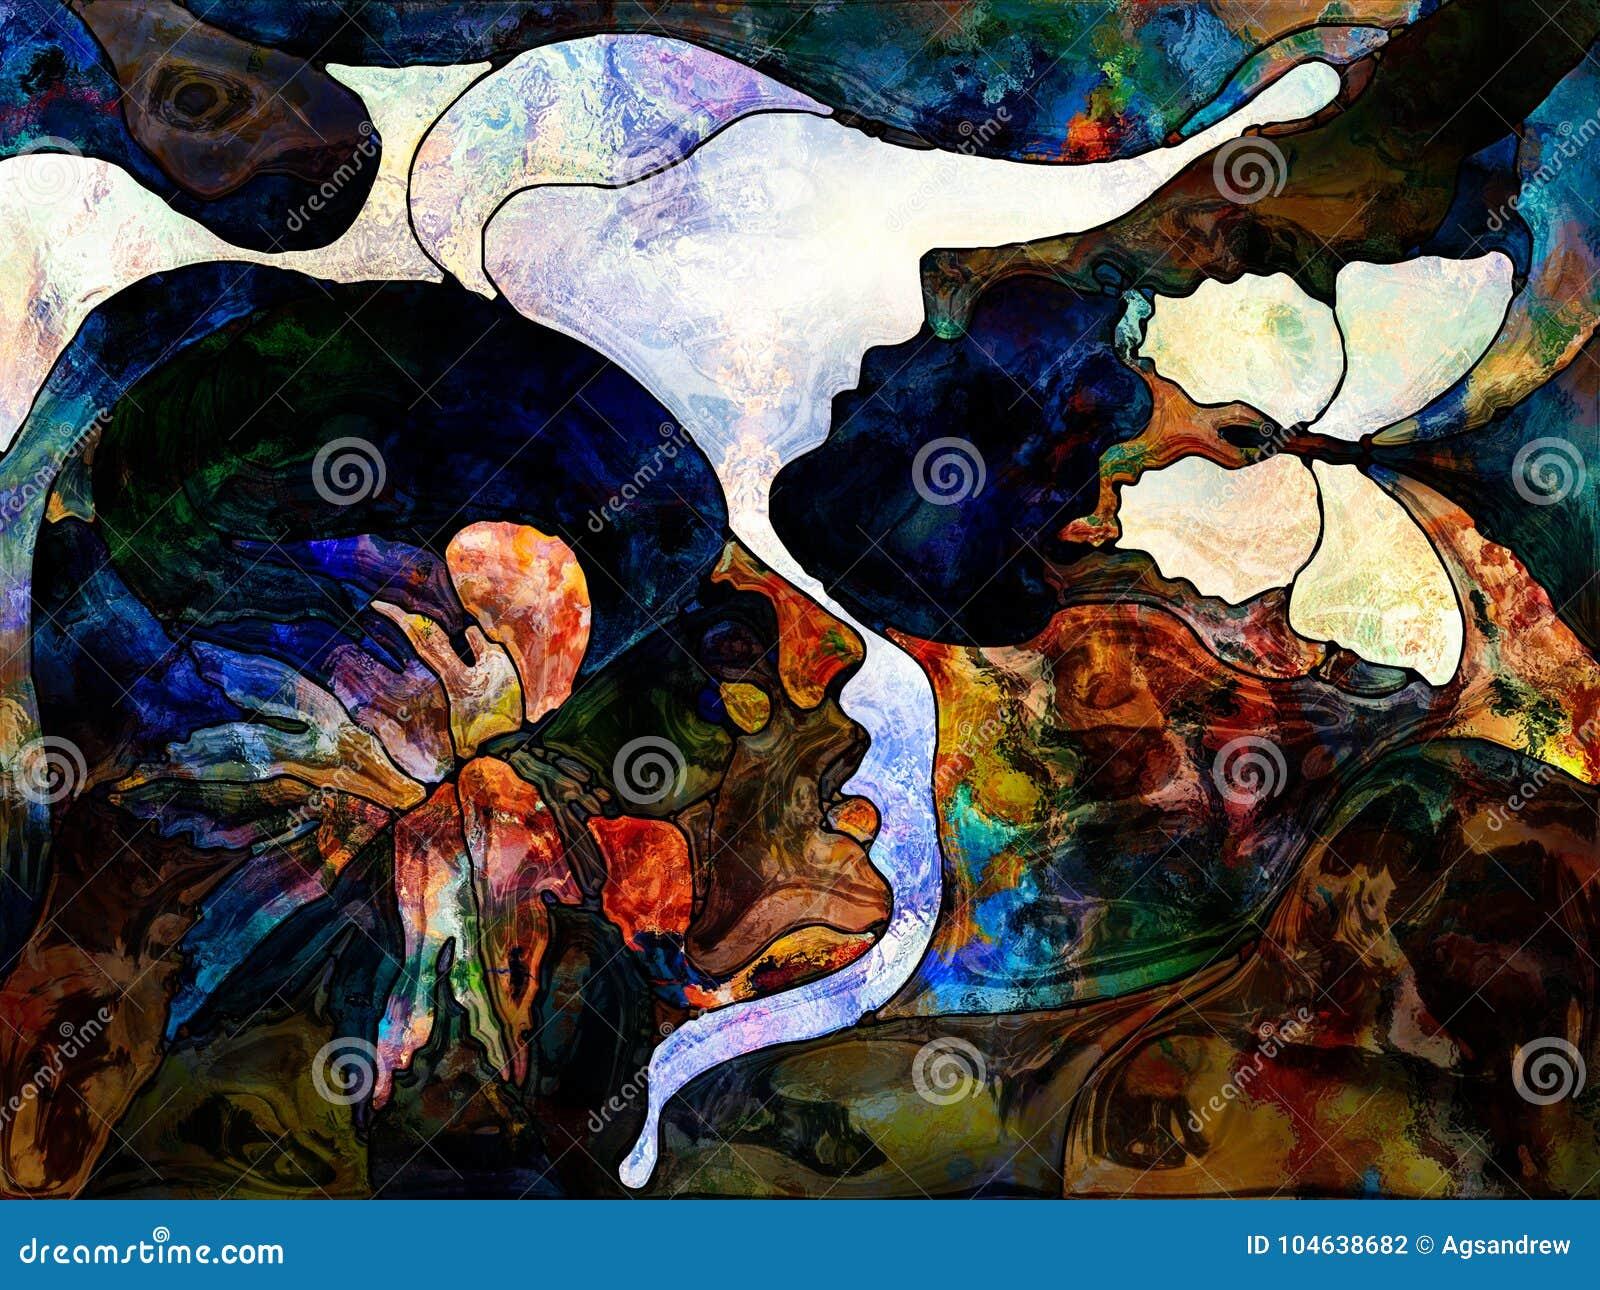 Download De Levende Kleurenafdeling stock illustratie. Illustratie bestaande uit liefde - 104638682